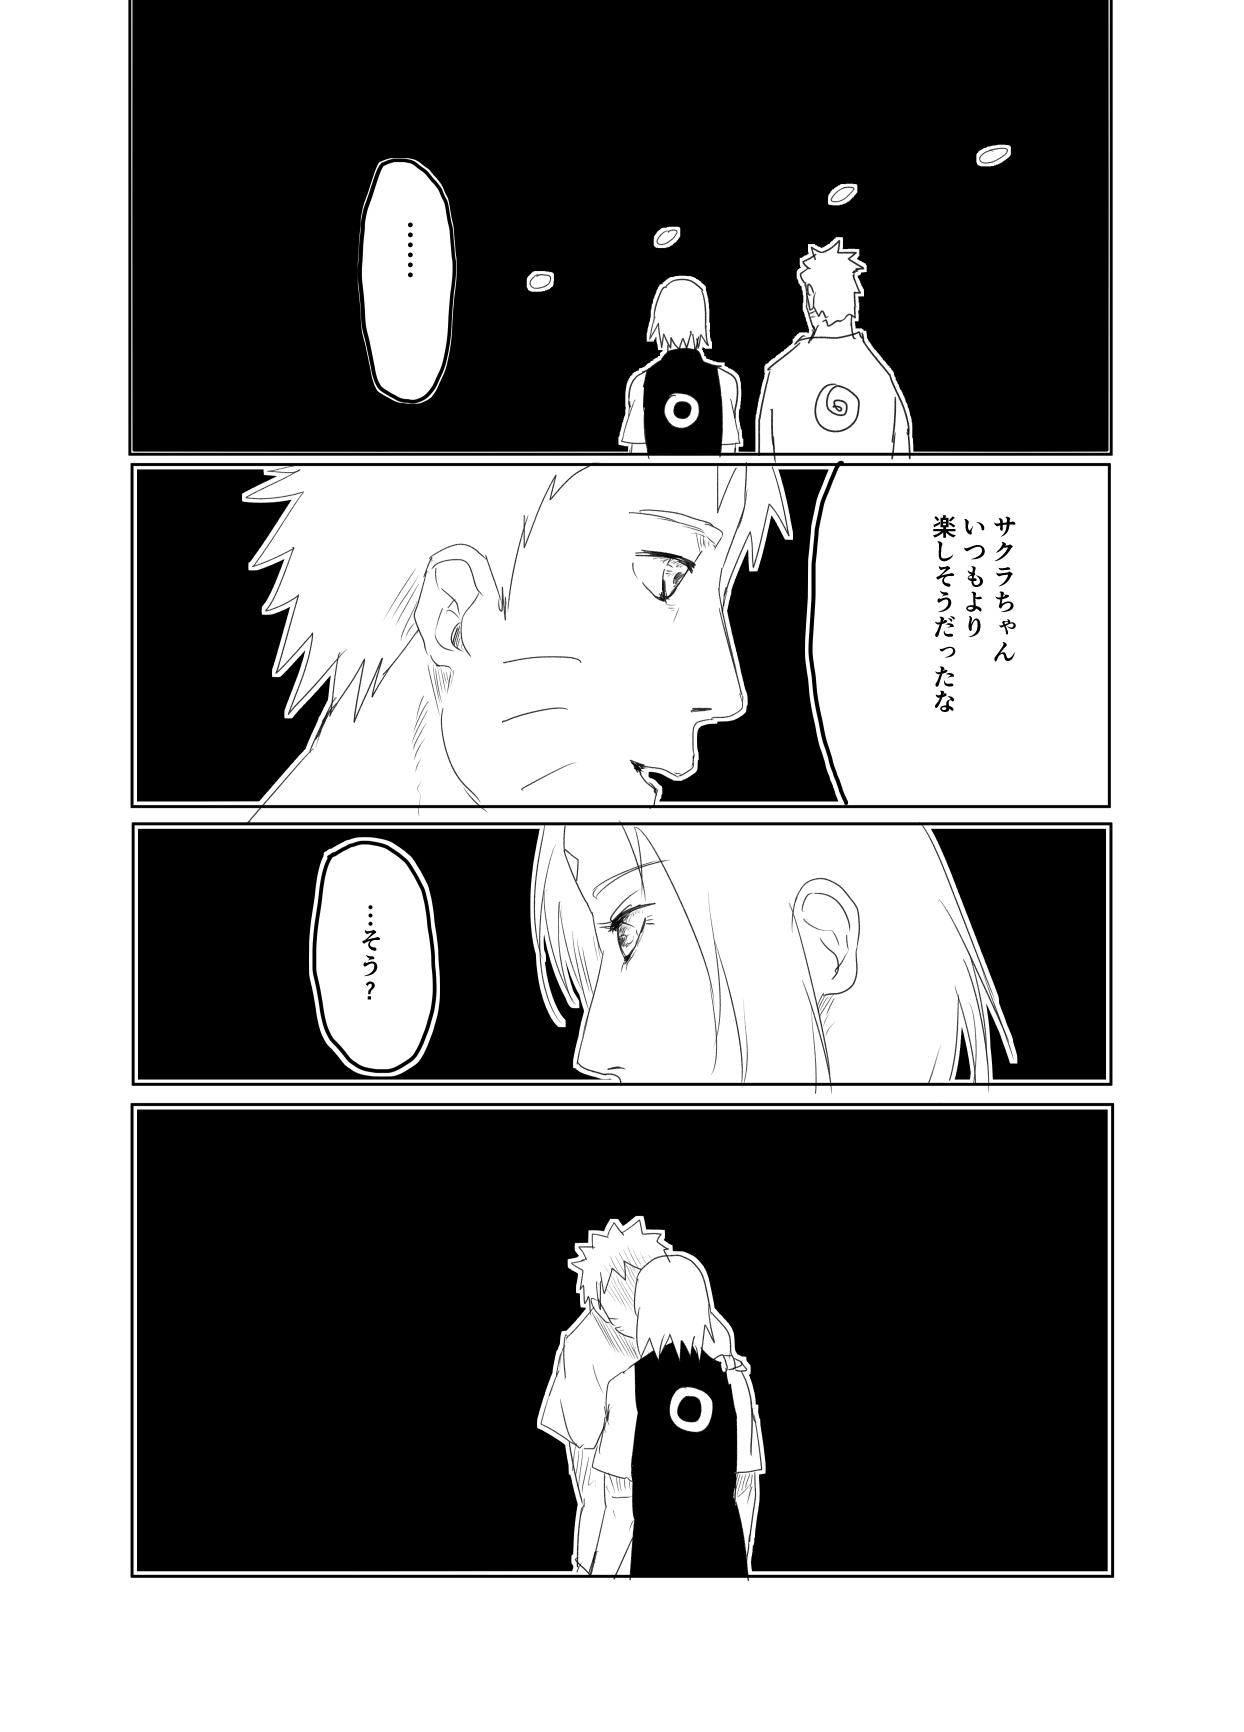 嘘告白漫画 14